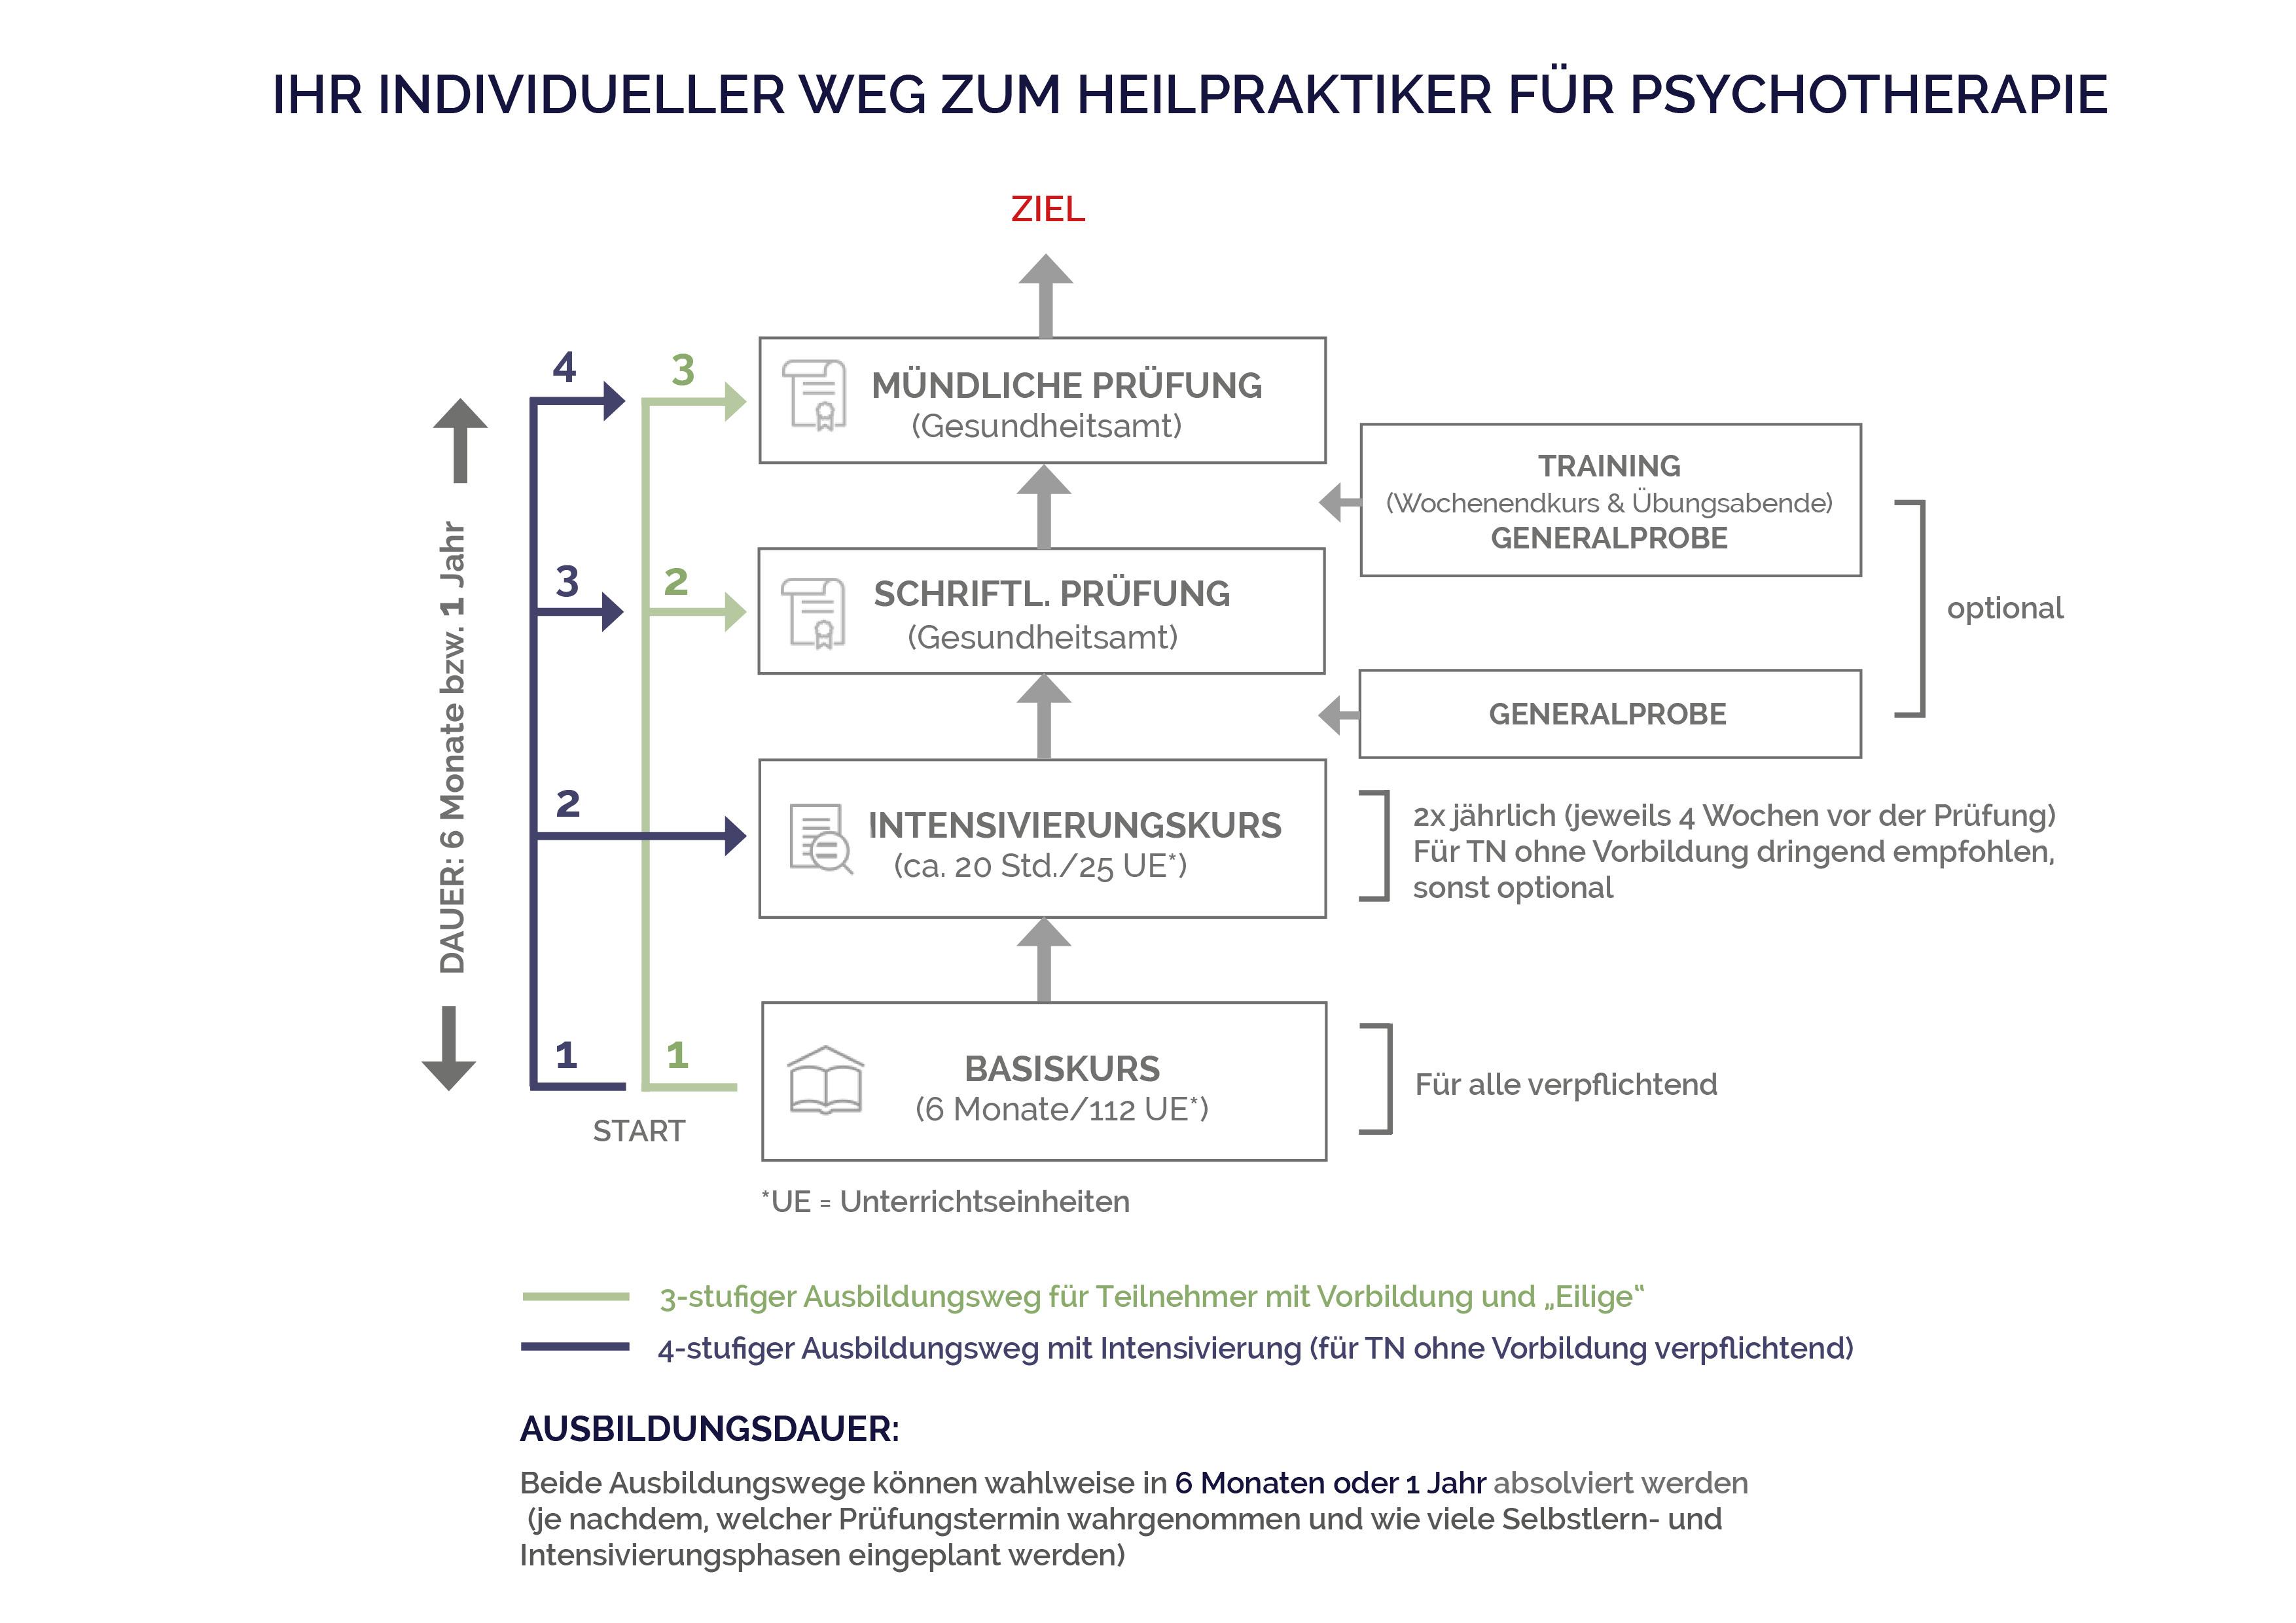 Ausbildung zum Heilpraktiker für Psychotherapie